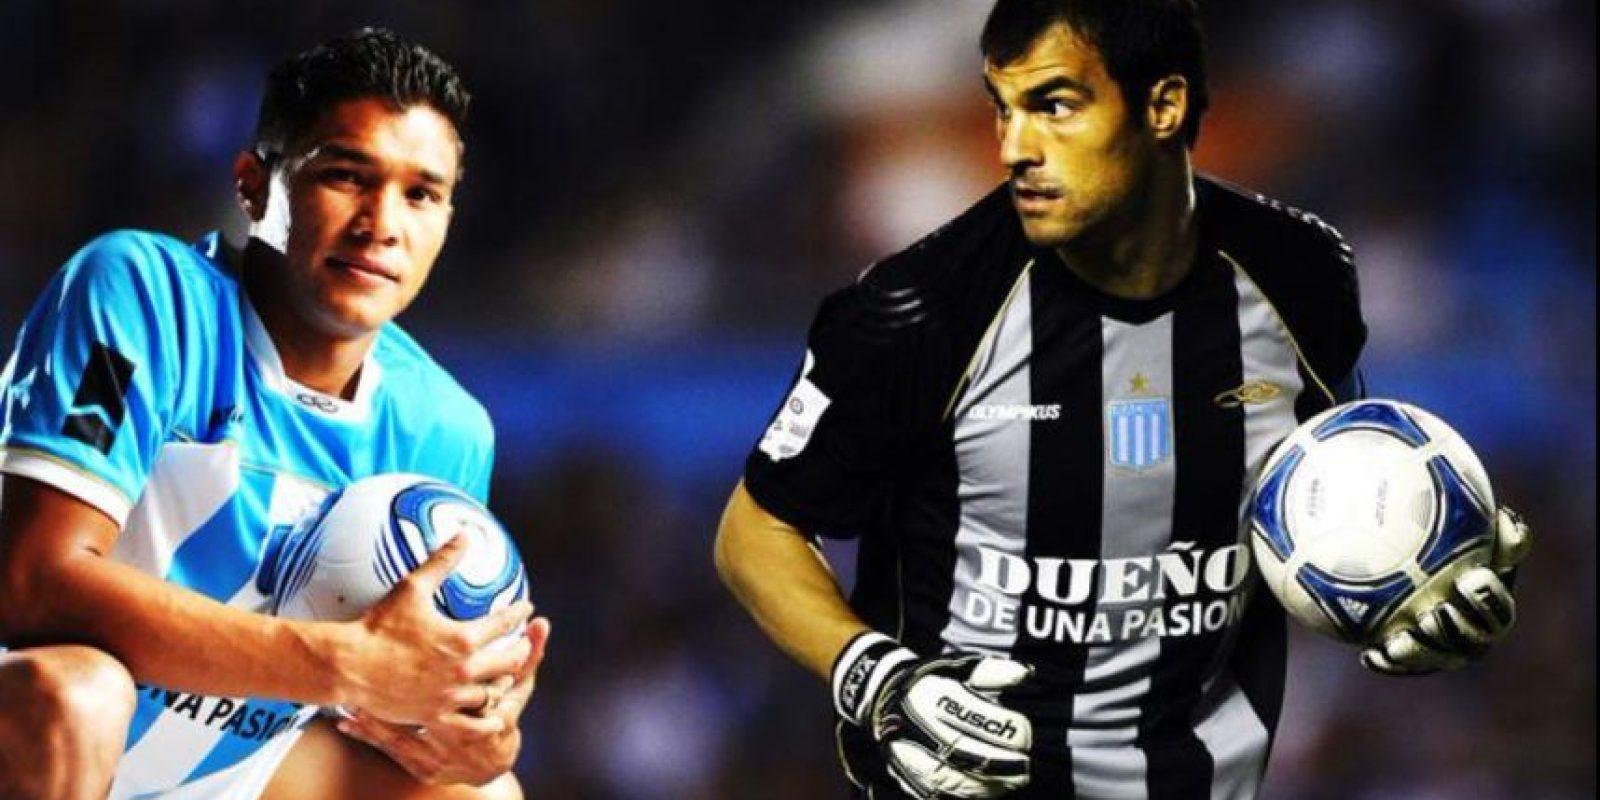 Sebastián Saja relató el momento en el que Teófilo Gutiérrez le apuntó con un arma en el vestidor del Racing Foto:Twitter